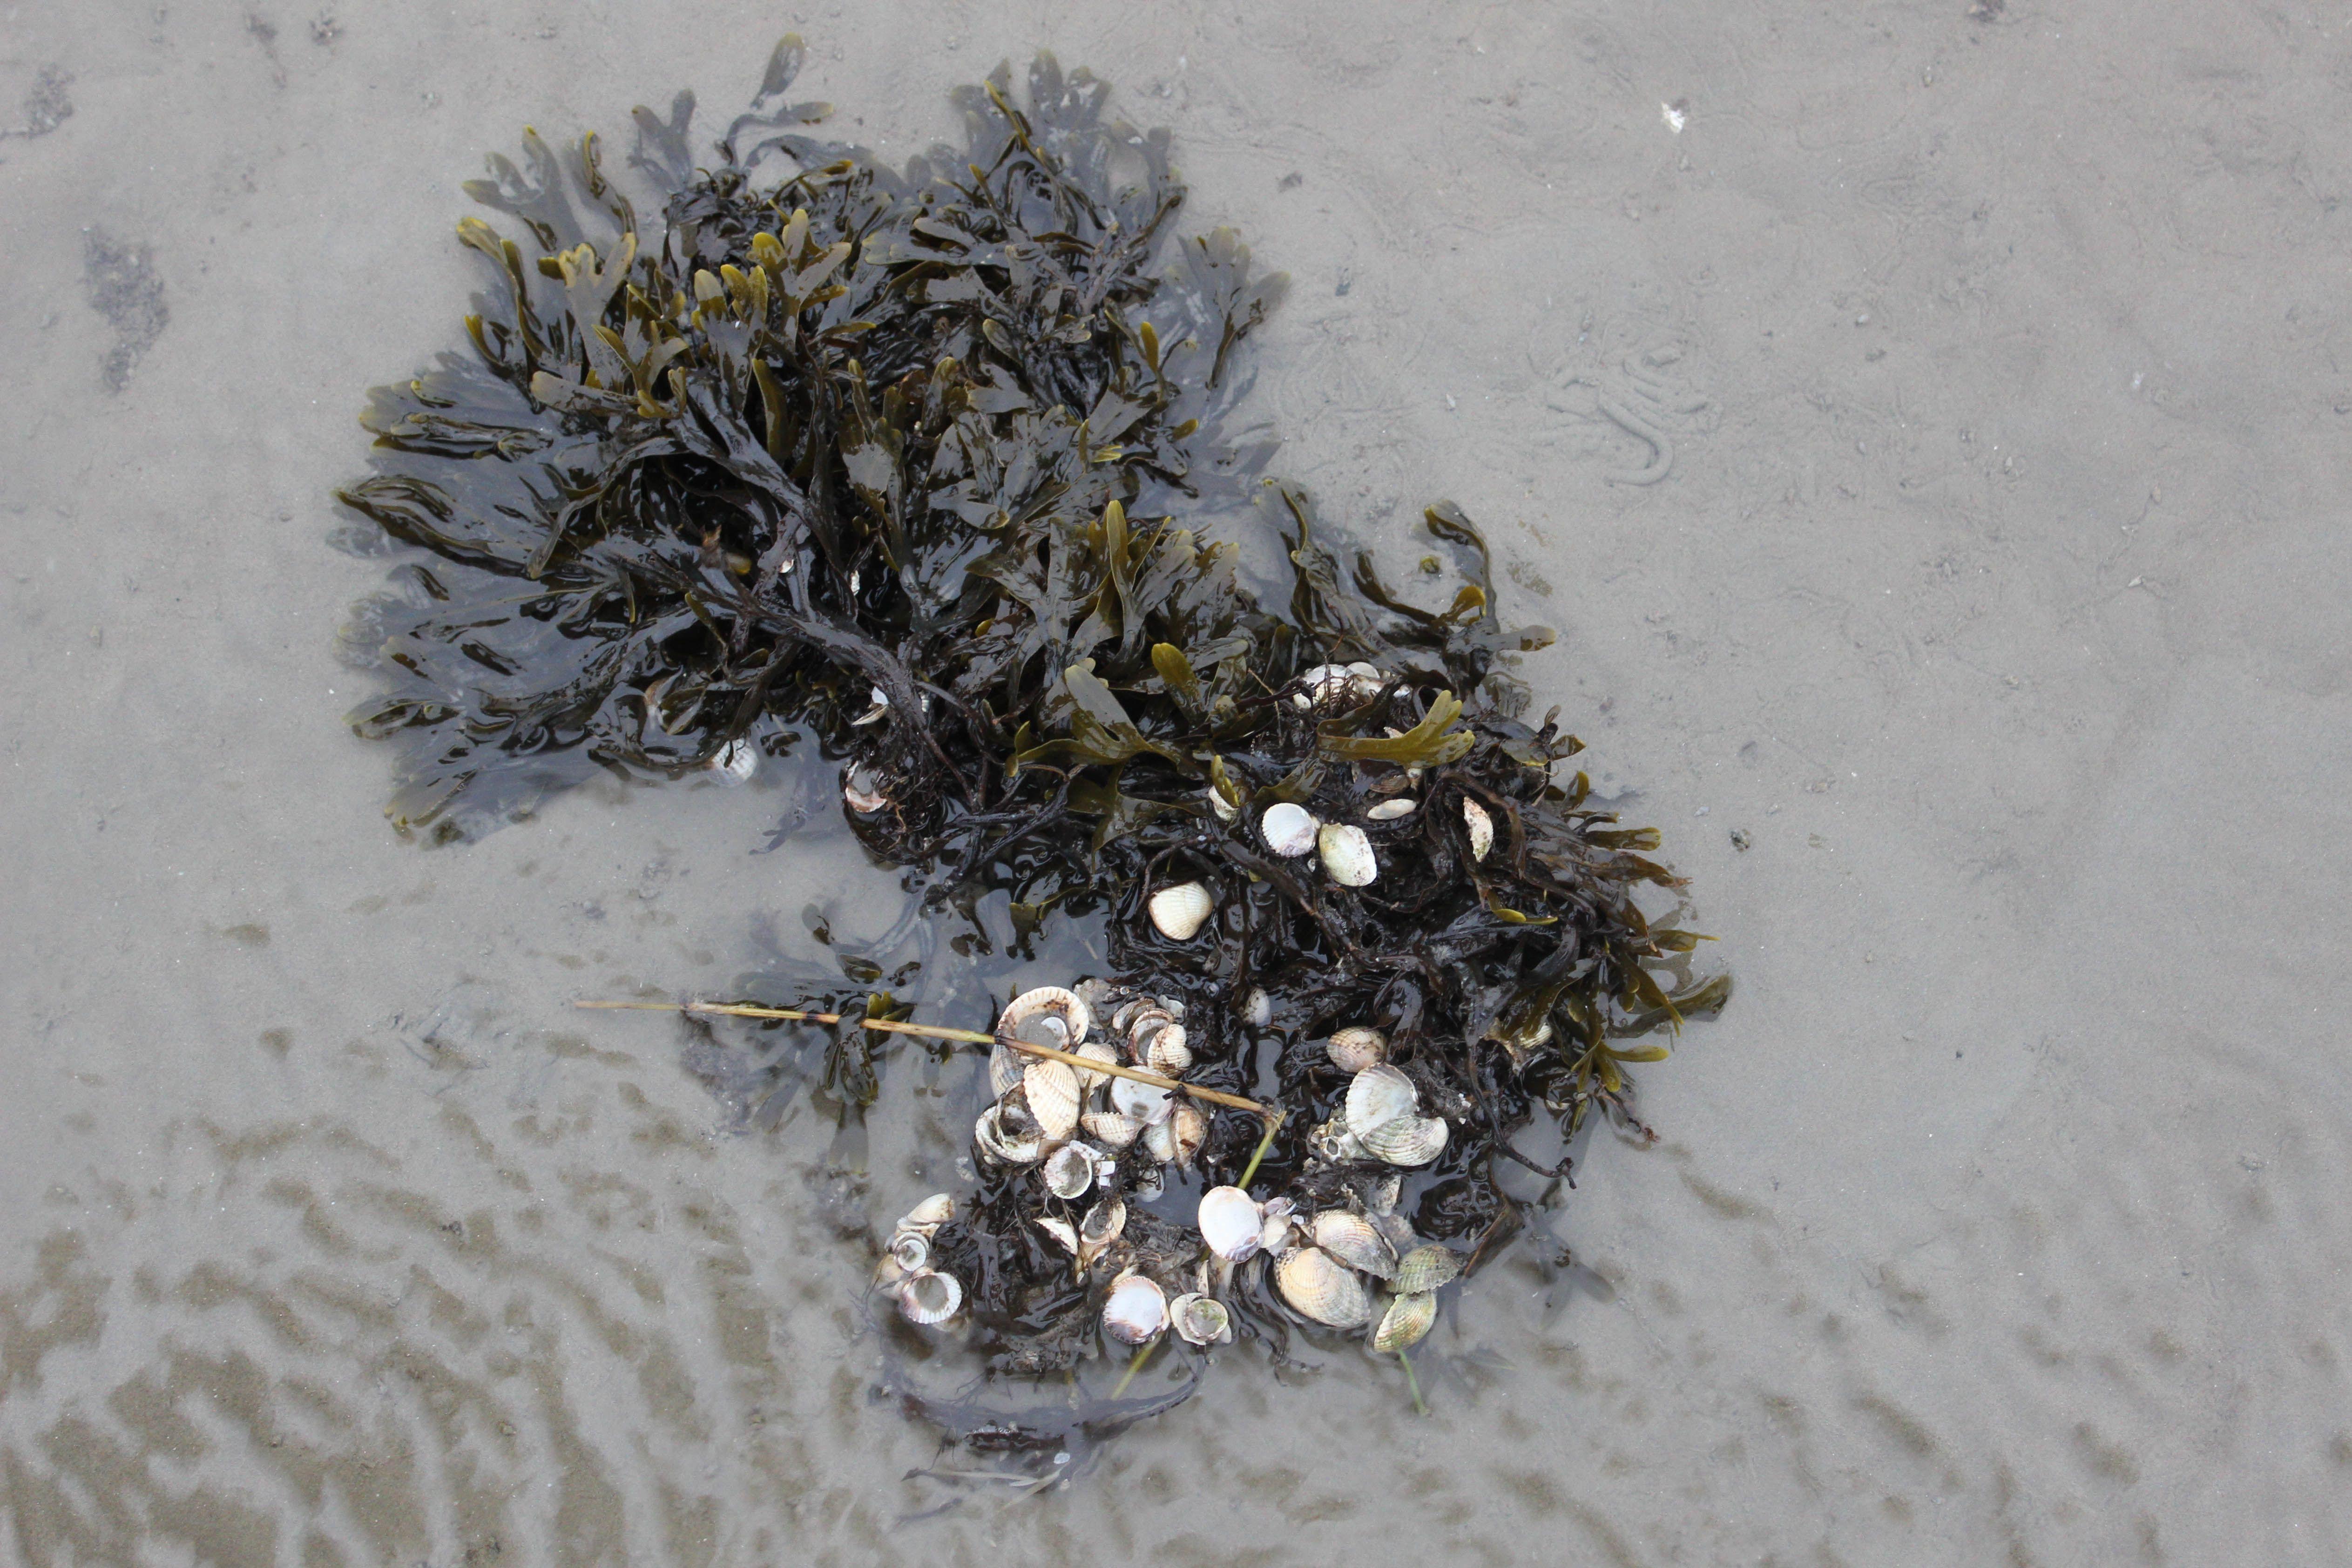 Algae found in the tidelands